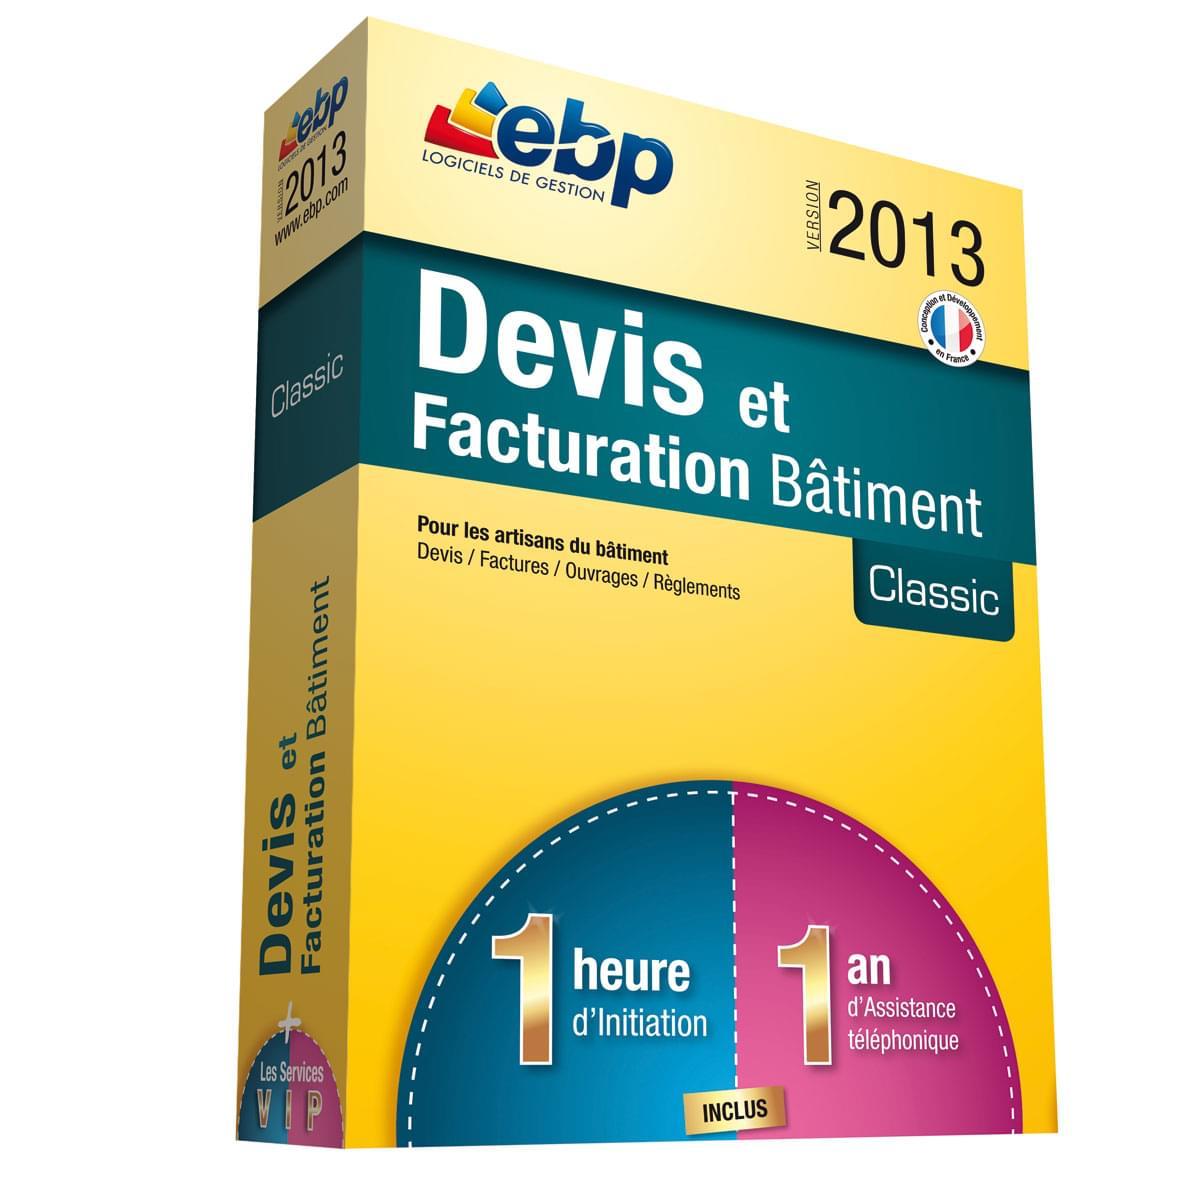 EBP Devis et Factu. Bâtiment Classic 2013+Services VIP (1088J141FAA) - Achat / Vente Logiciel application sur Cybertek.fr - 0